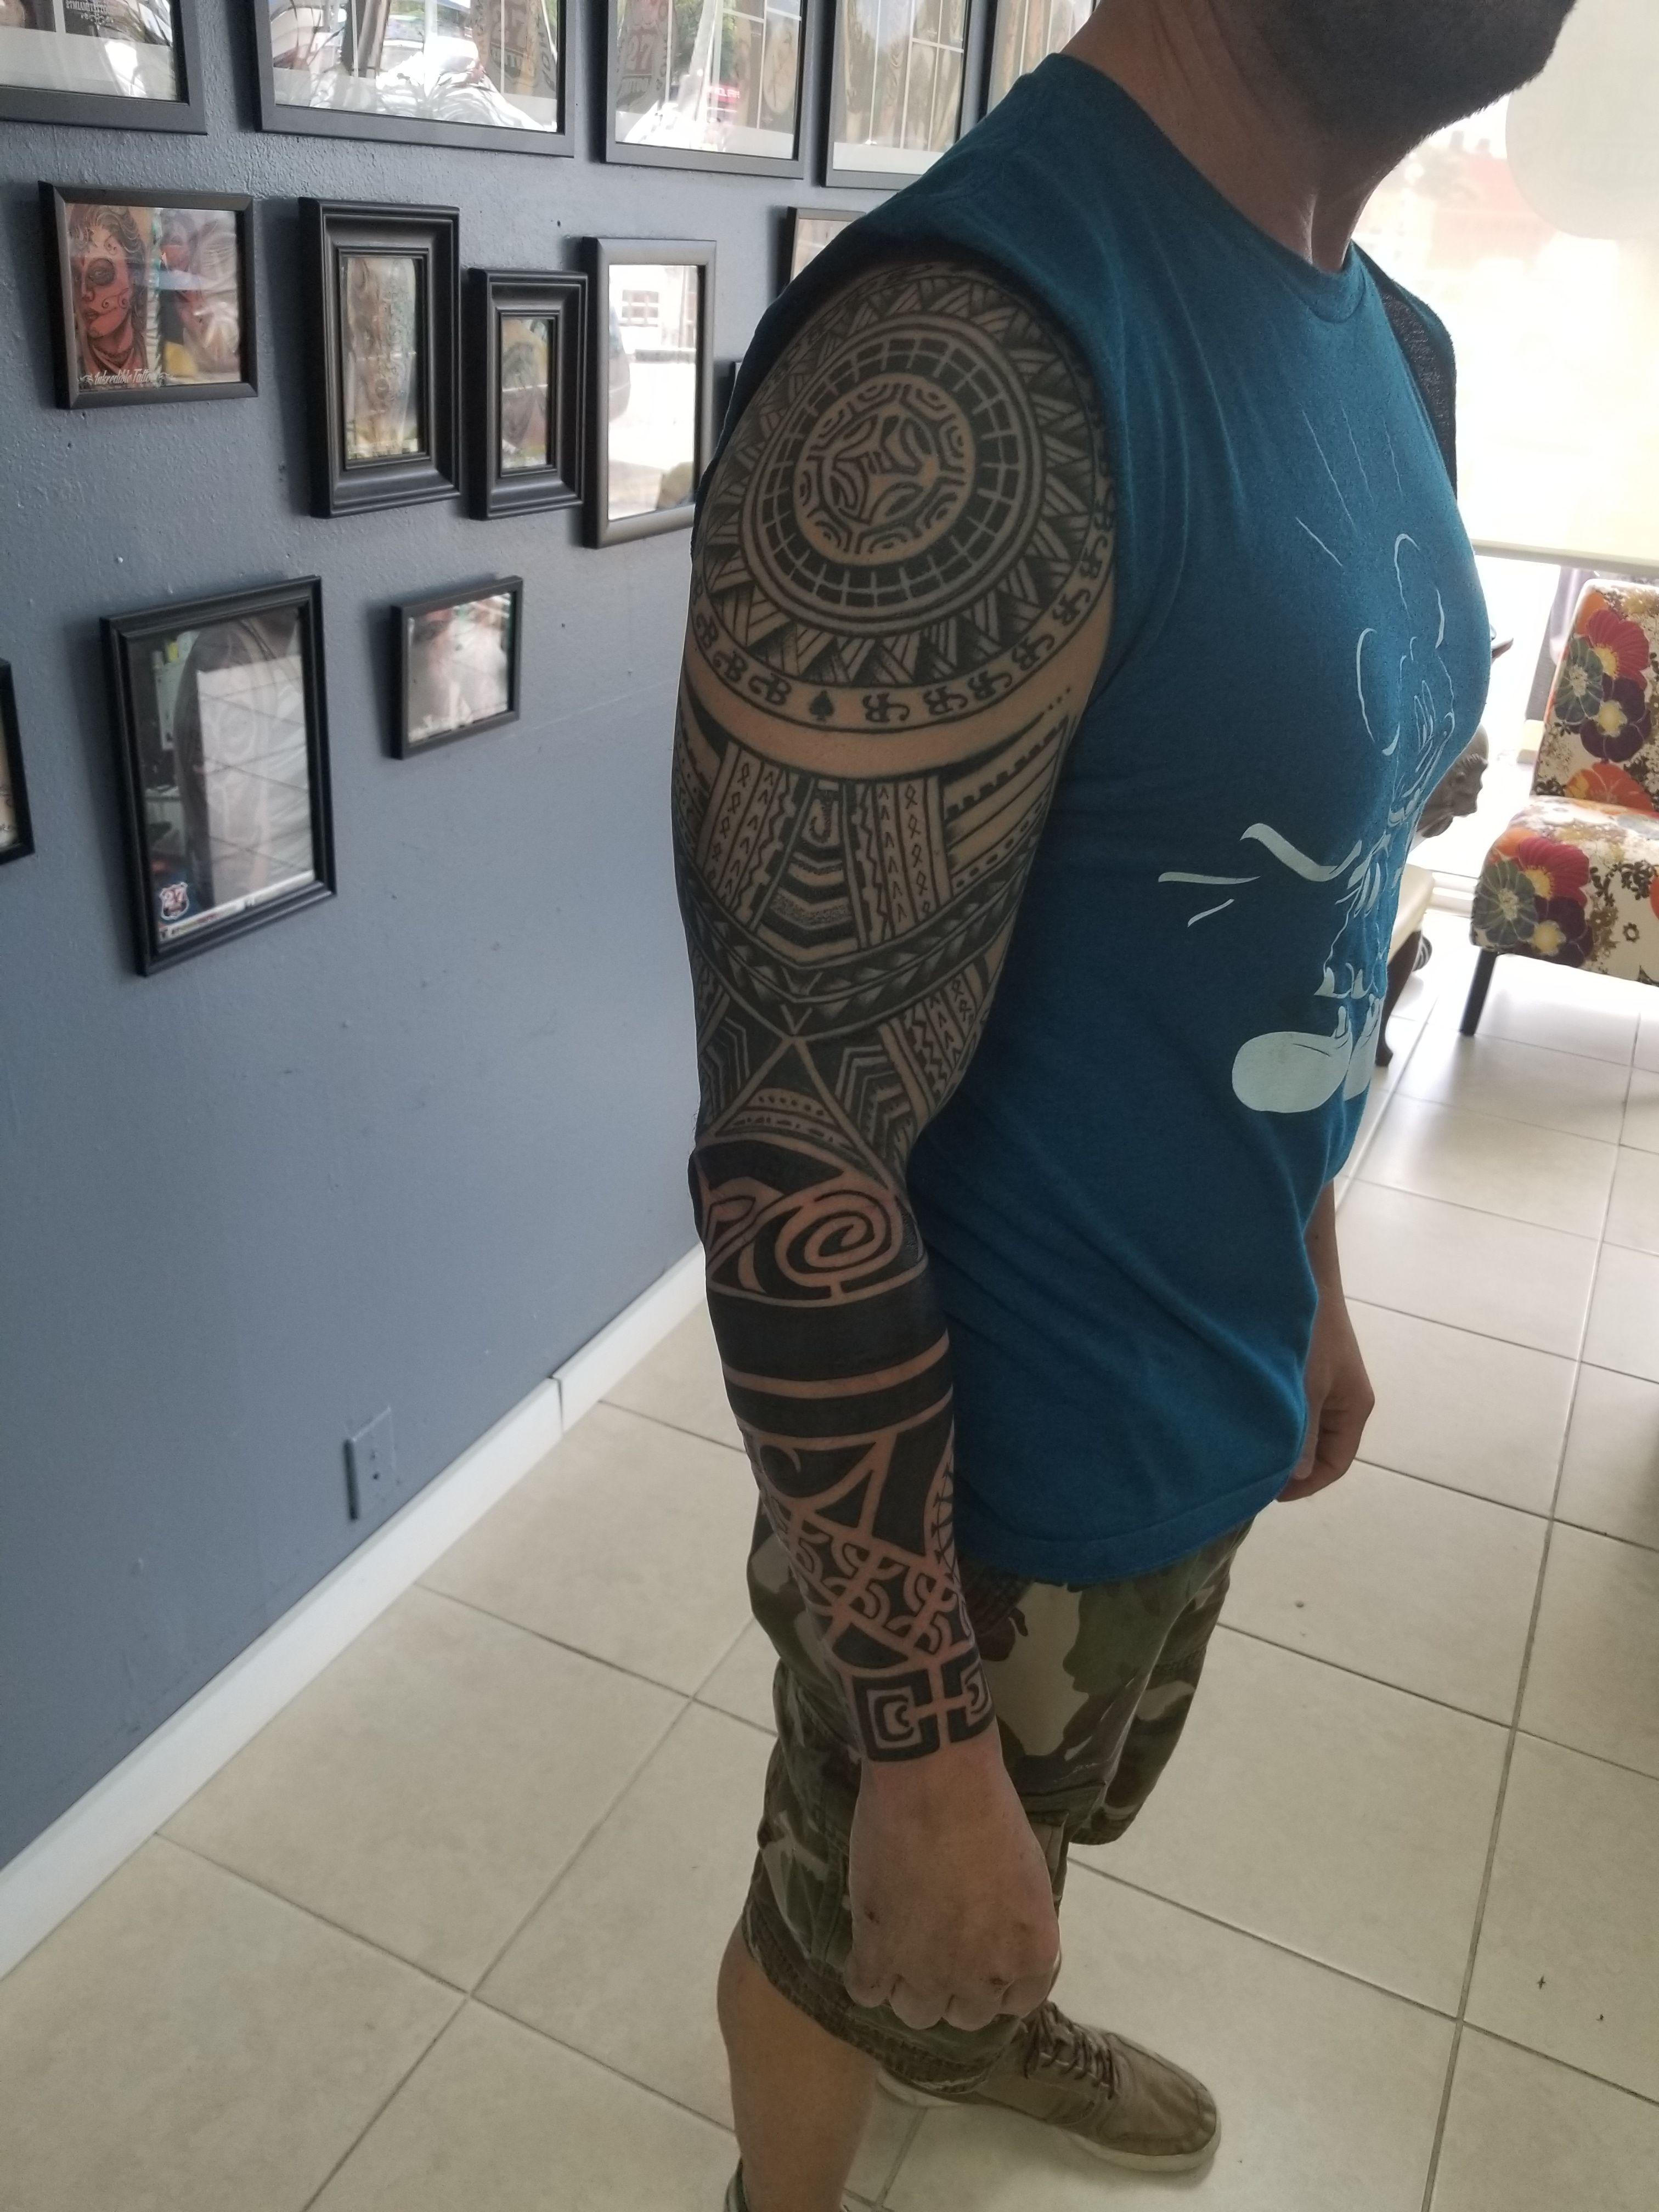 40 ne 167th street miami fl 33162 tattoo shops in miami